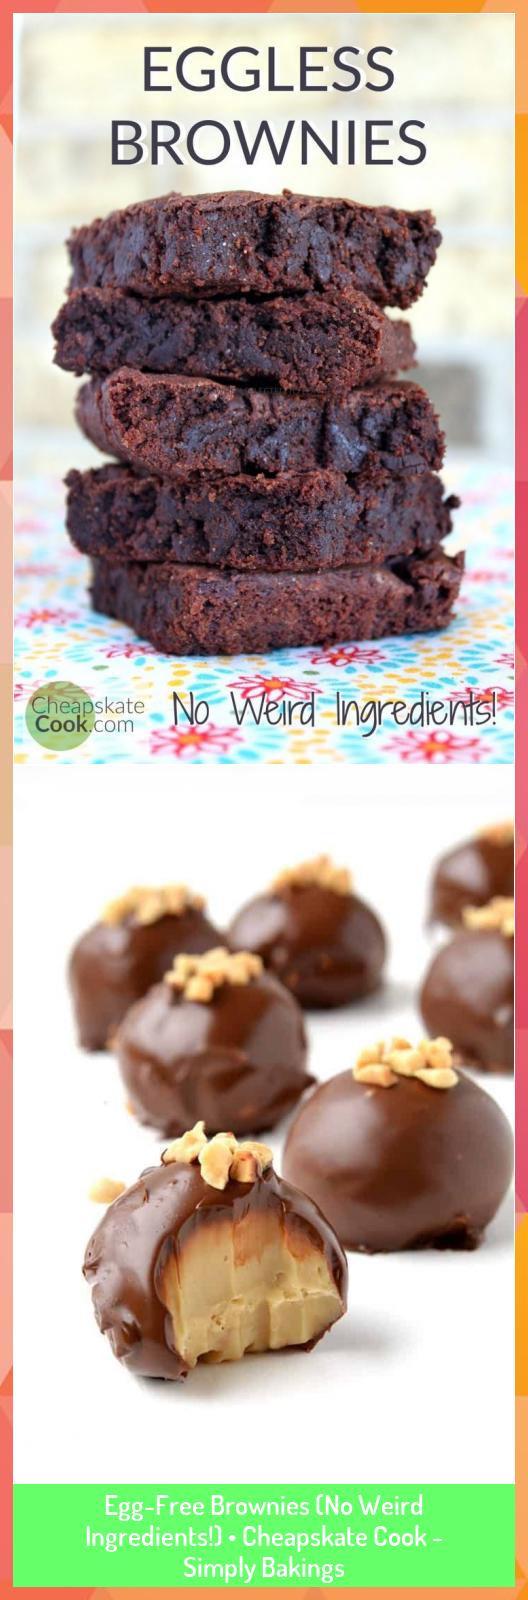 EggFree Brownies No Weird Ingredients  Cheapskate Cook  Simply Bakings